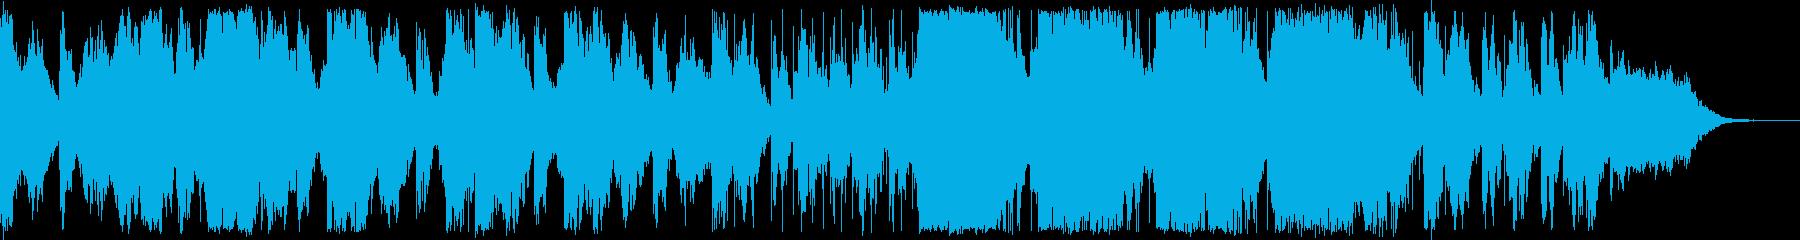 明るく壮大なオーケストラ調の再生済みの波形